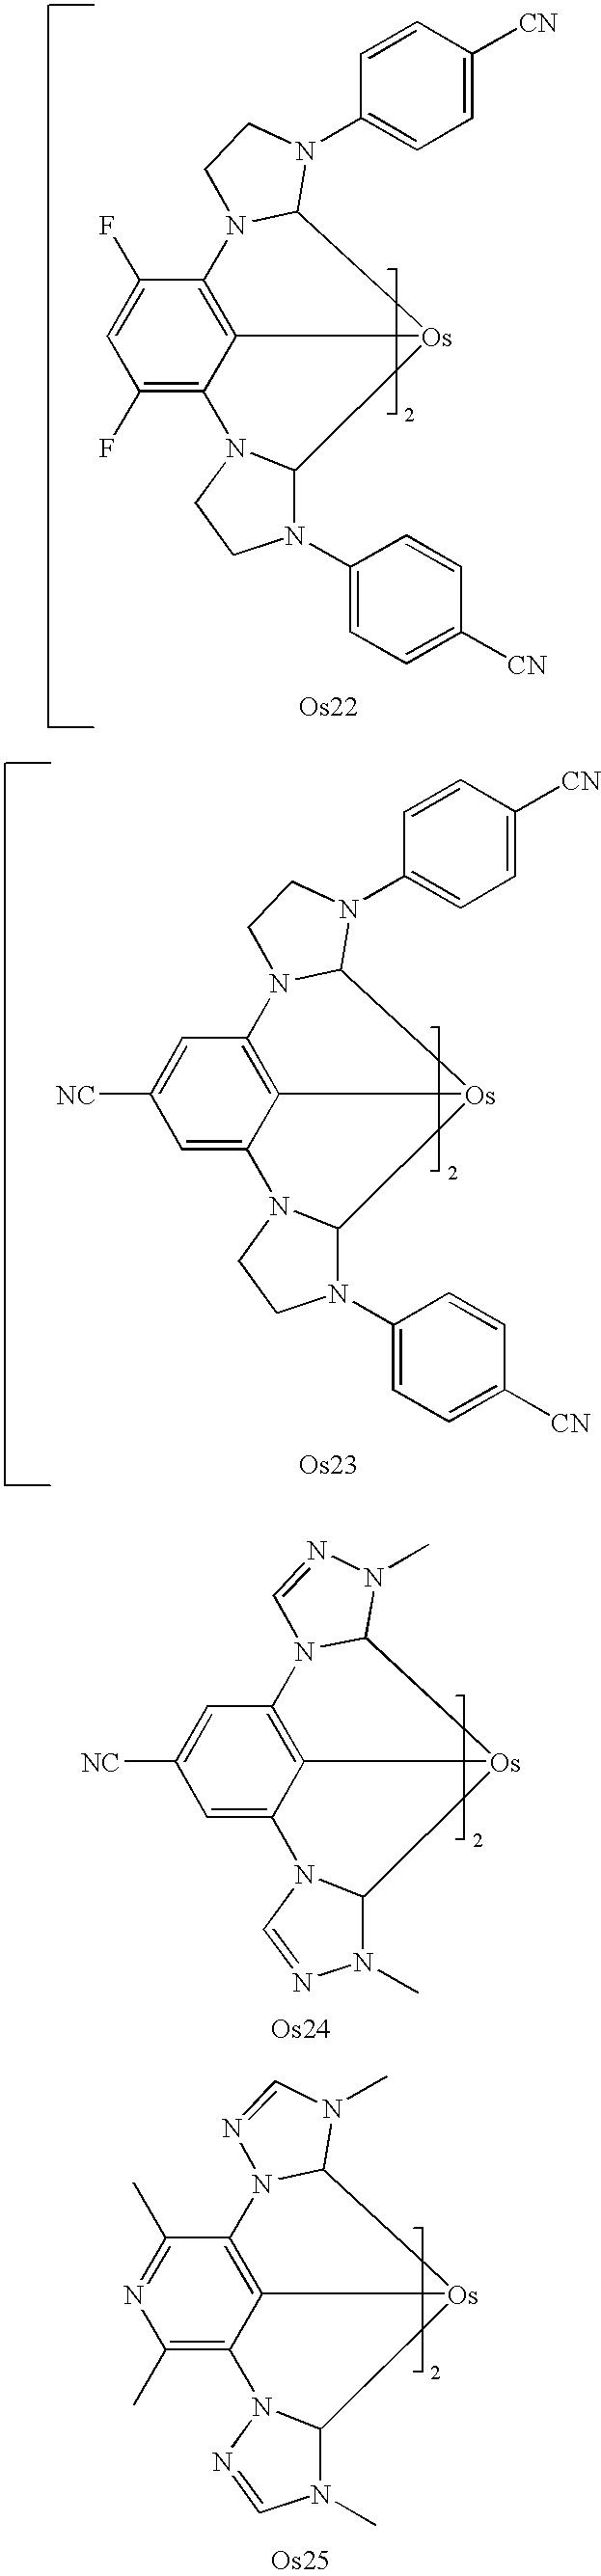 Figure US08383249-20130226-C00018